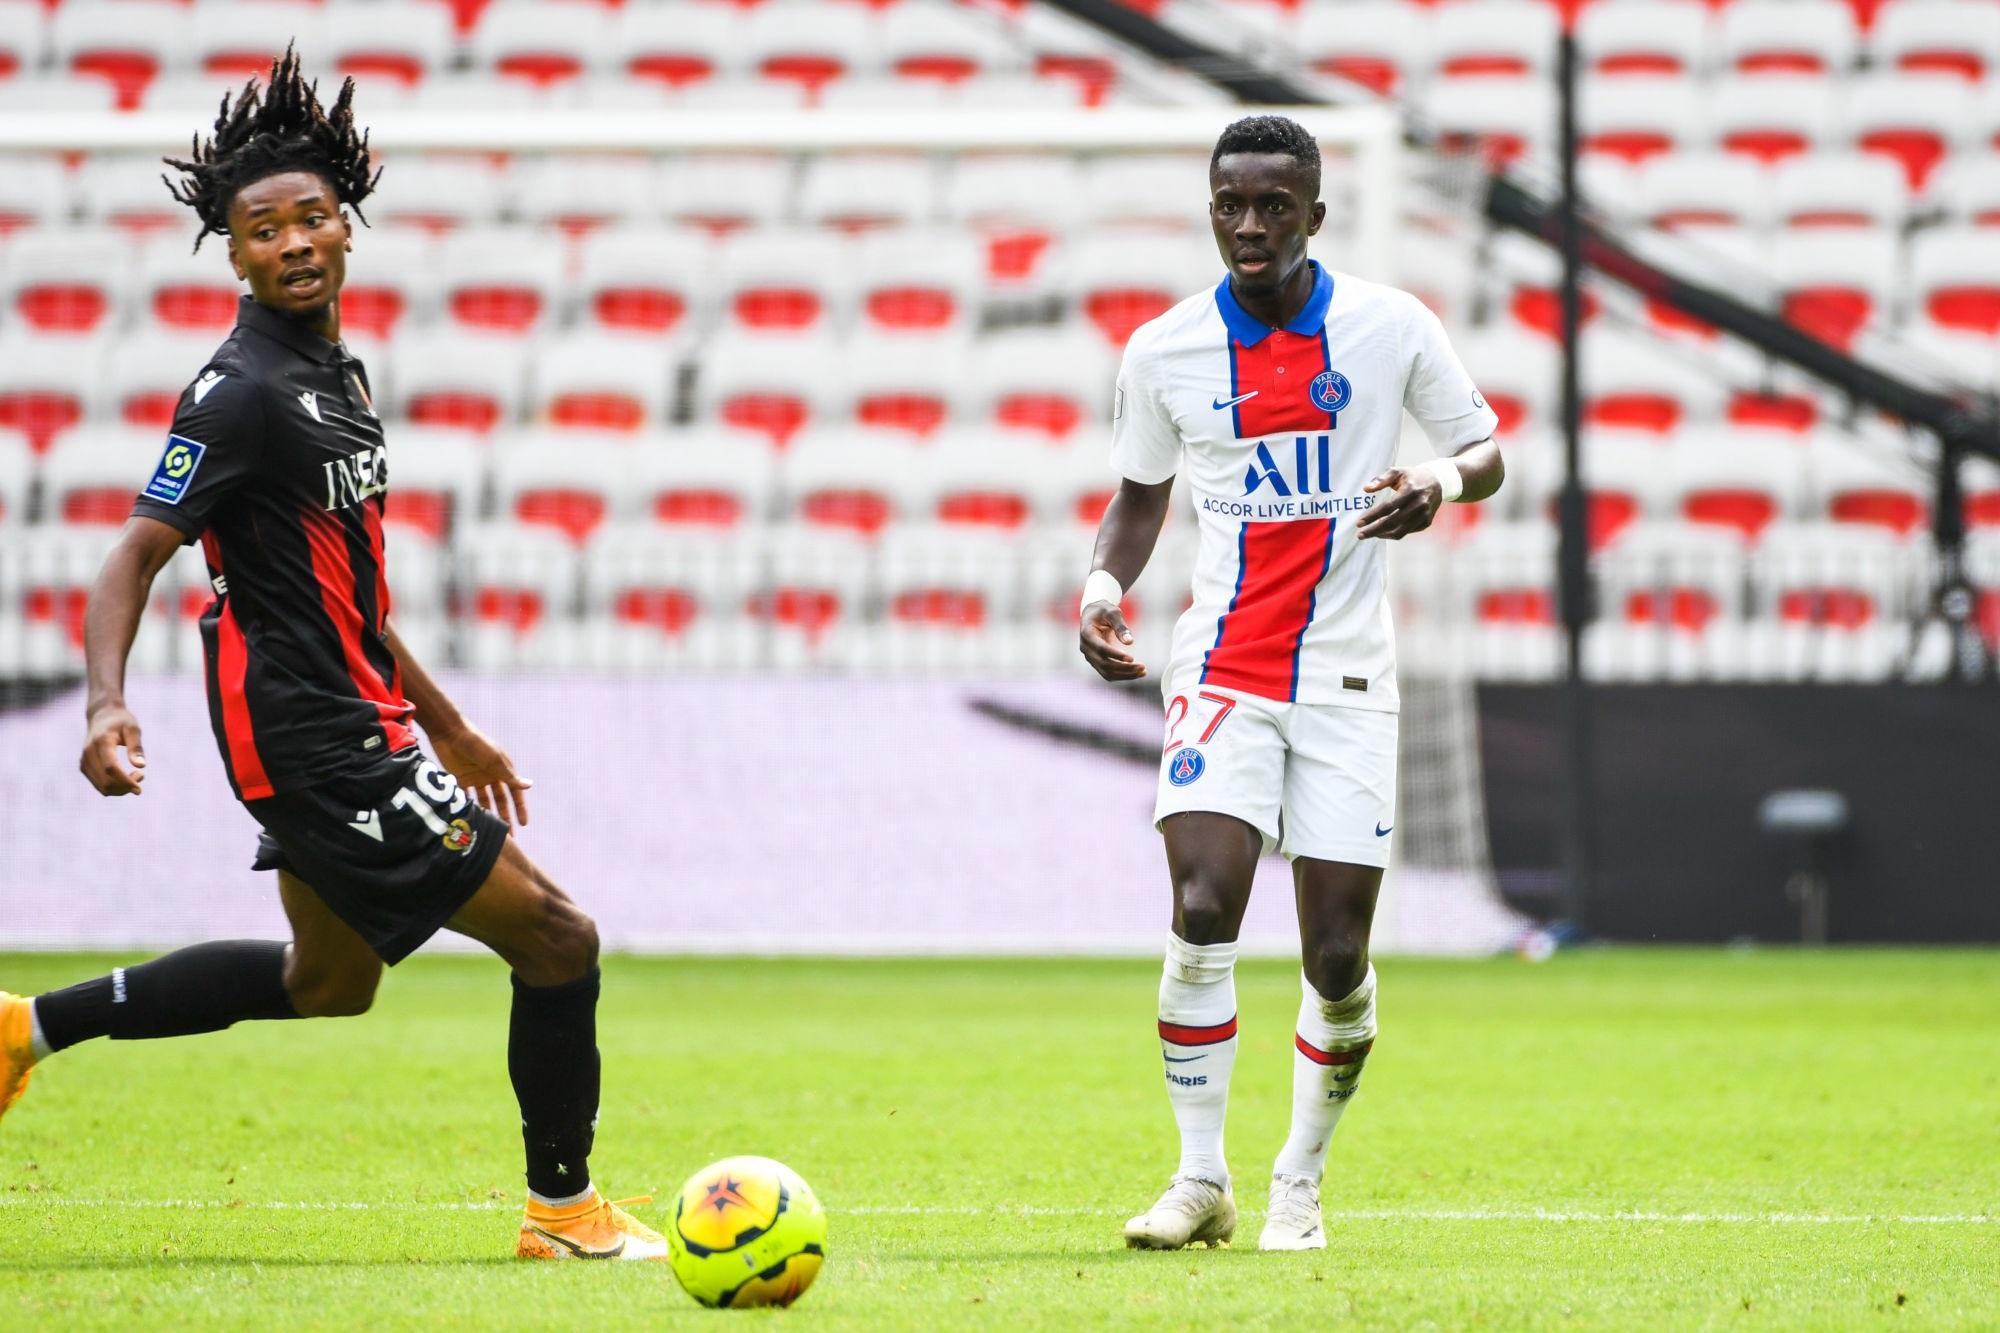 Reims/PSG - Gueye souffre d'une entorse et est incertain, indique L'Equipe